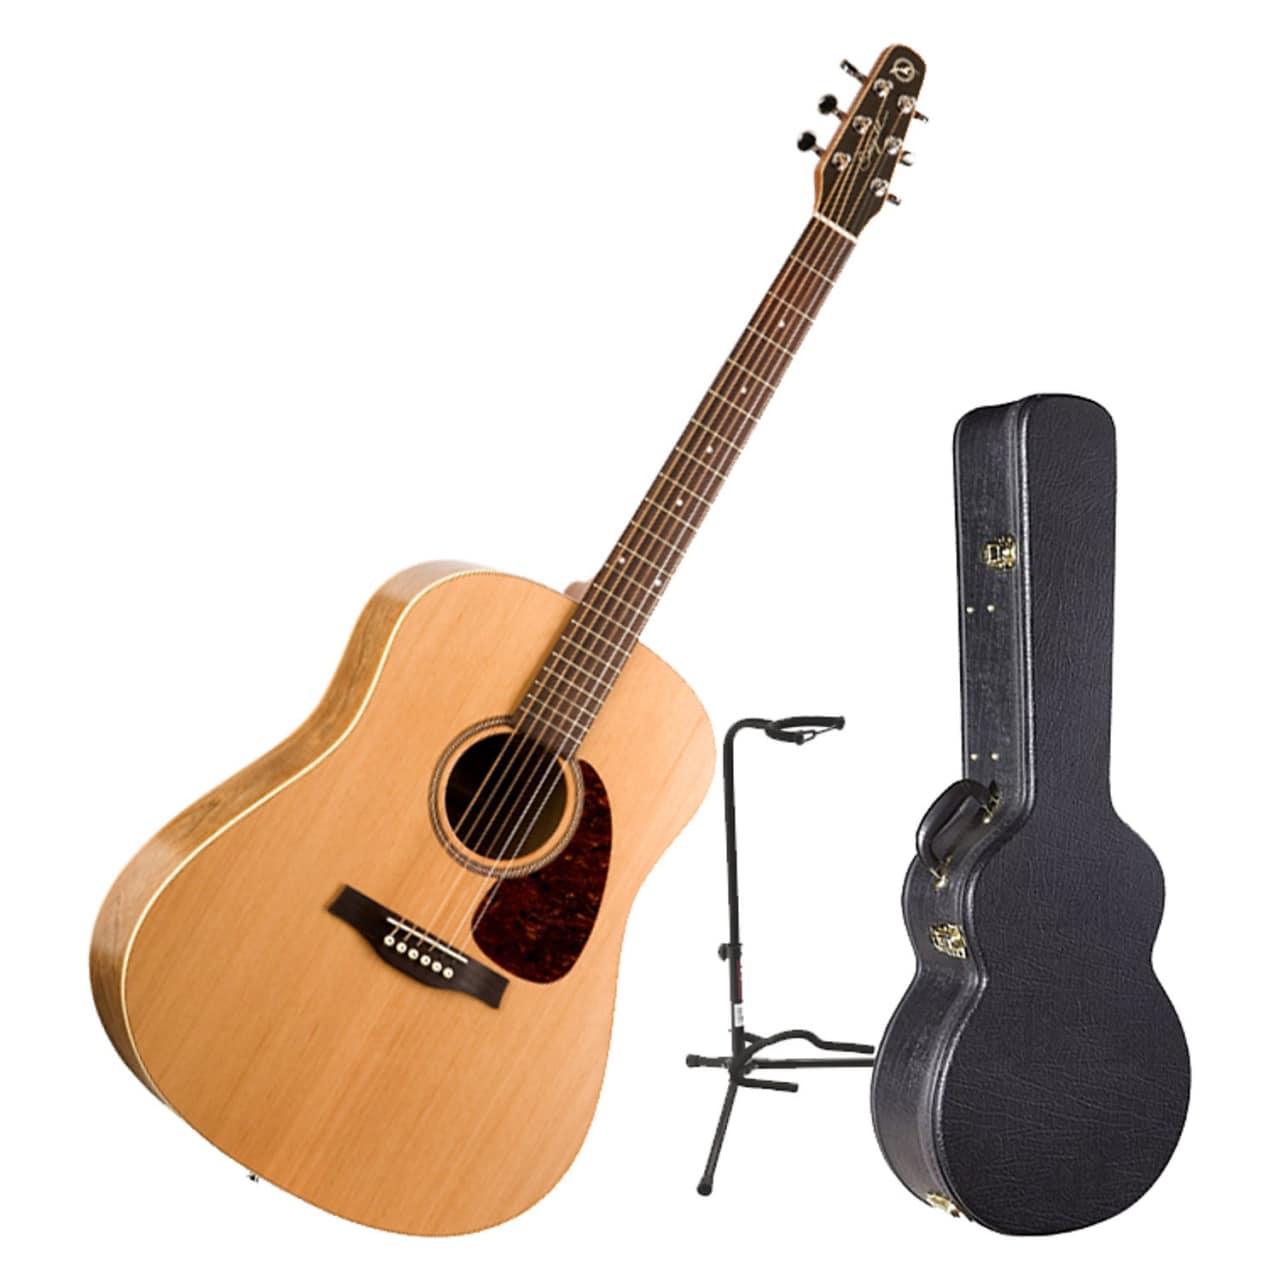 seagull s6 slim acoustic guitar bundle natural reverb. Black Bedroom Furniture Sets. Home Design Ideas